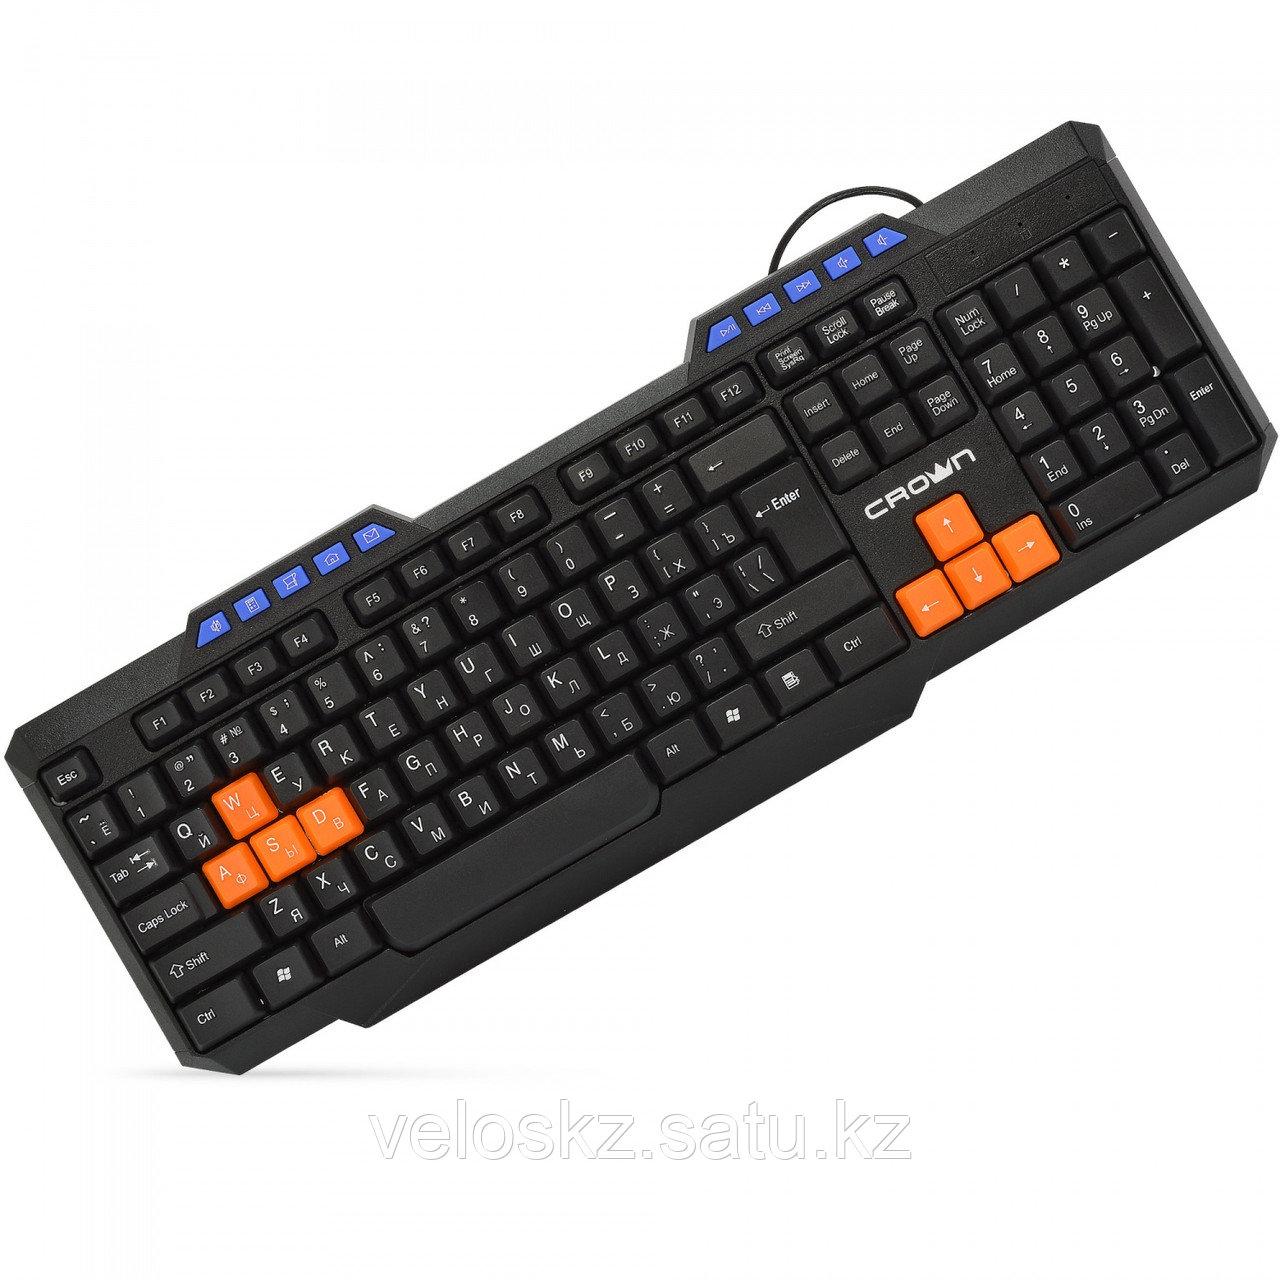 Клавиатура проводная Crown CMK-482, USB, 1,8m